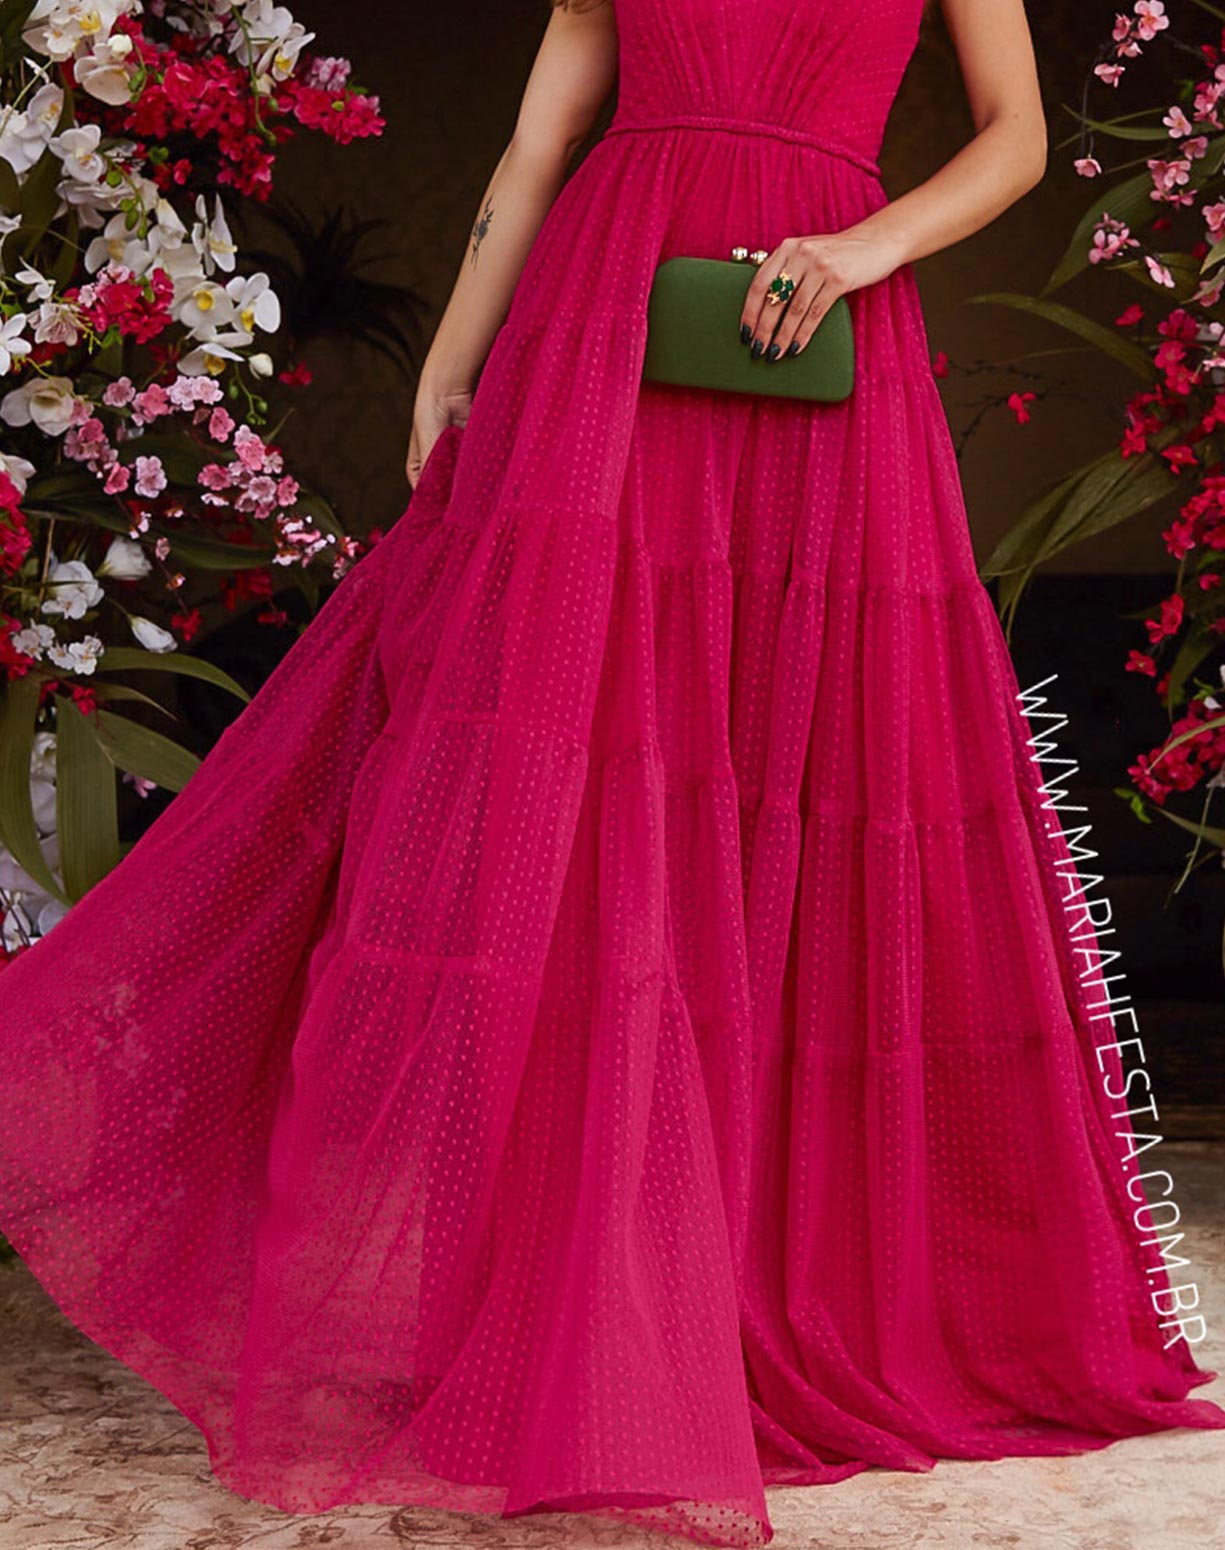 Vestido Rosa Pink em Tule Texturizado